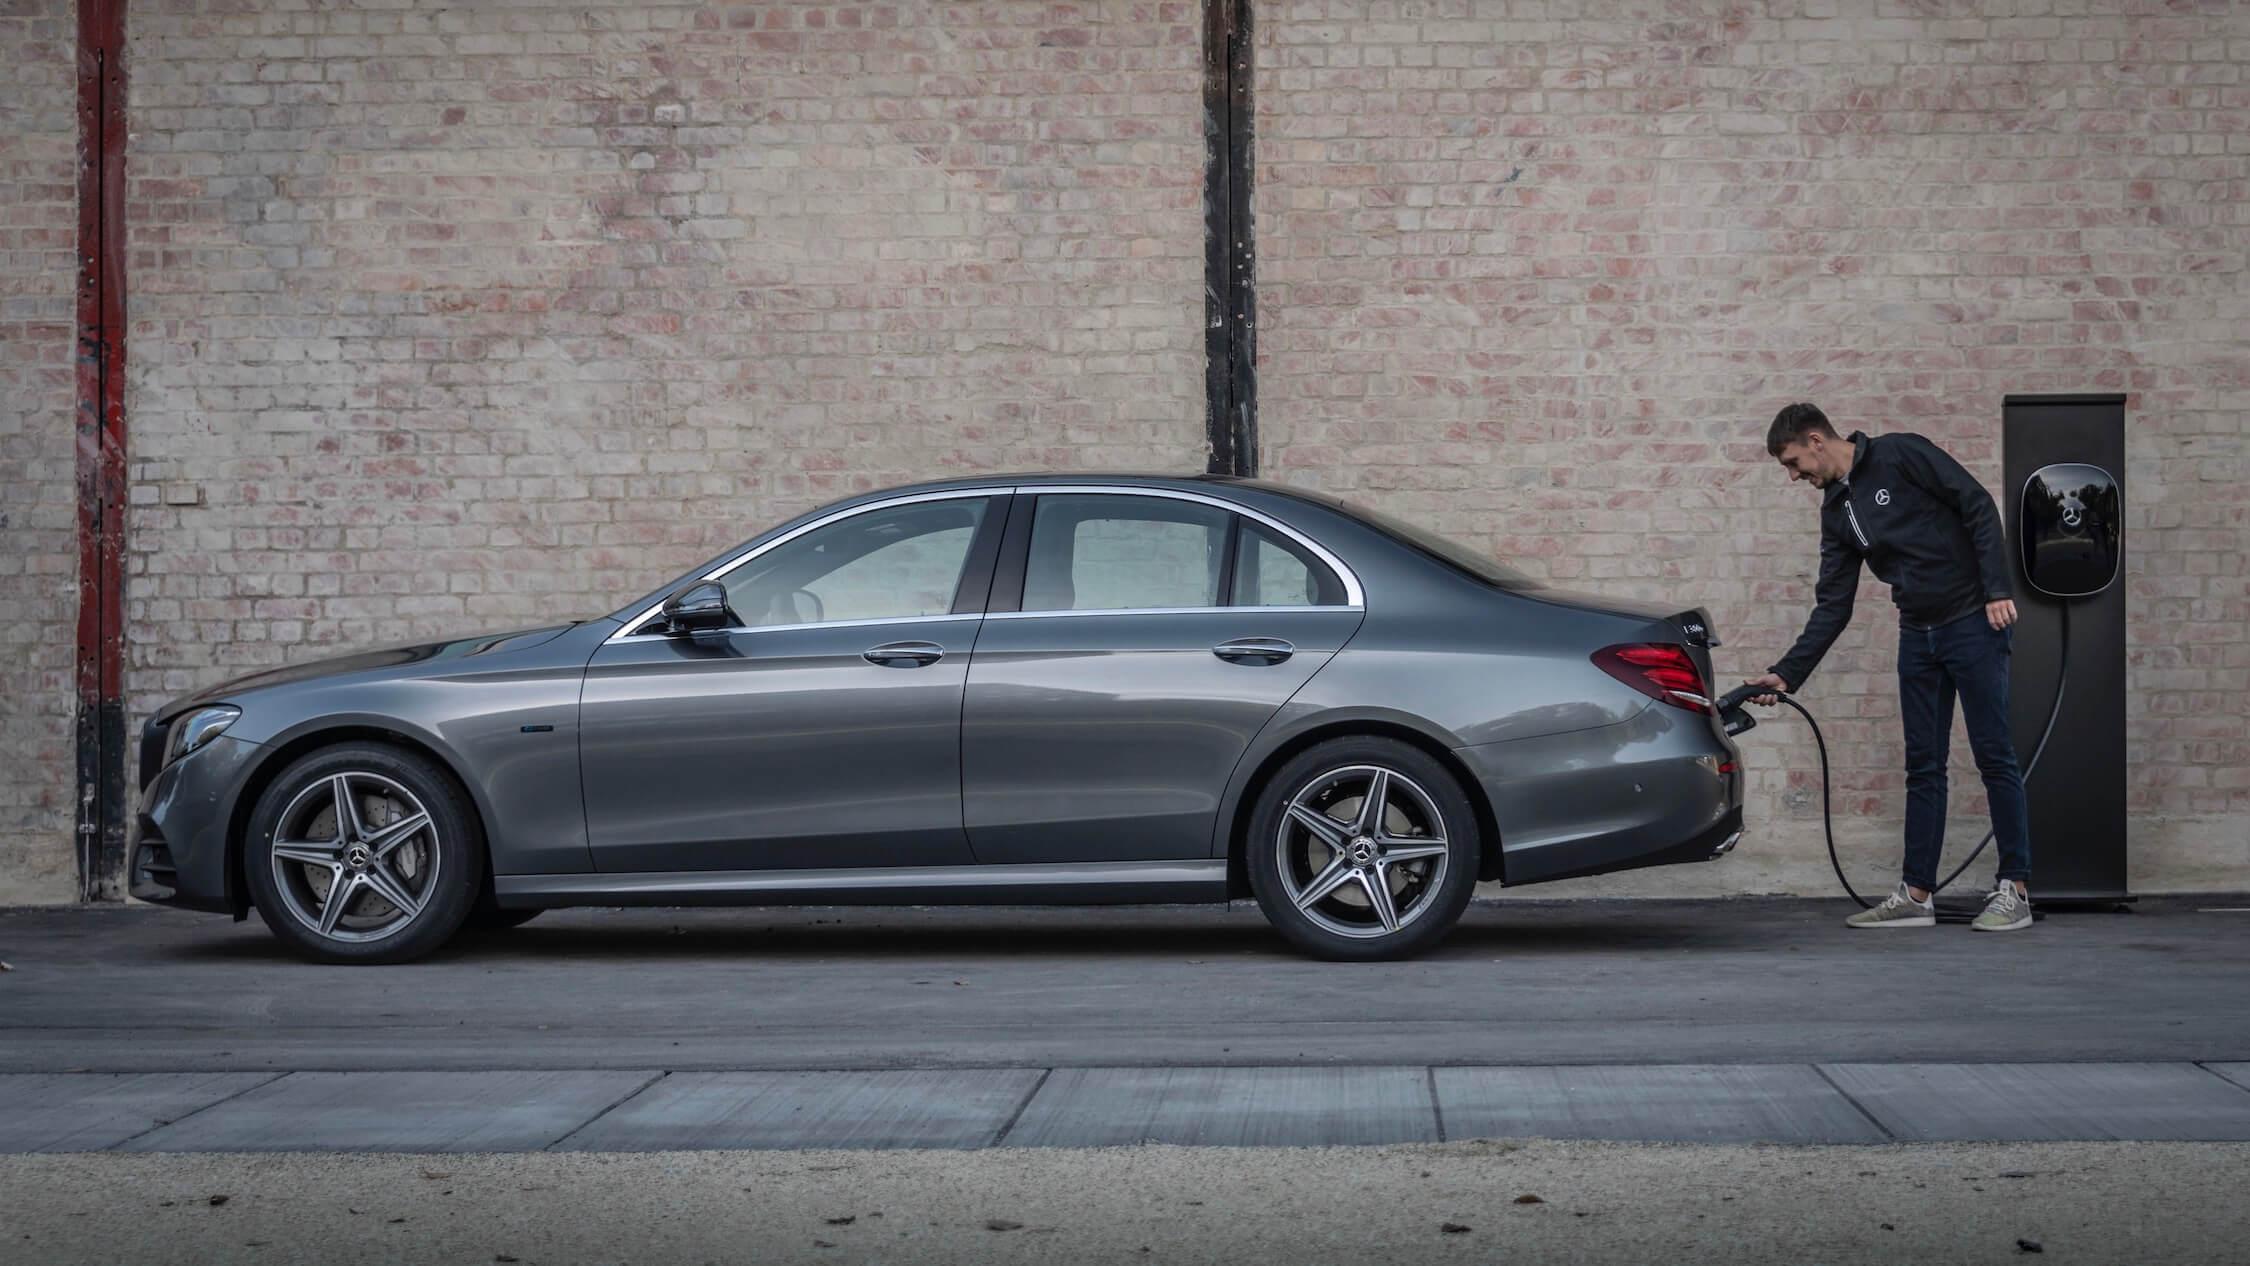 Plug-in hybride Mercedes E-klasse opladen